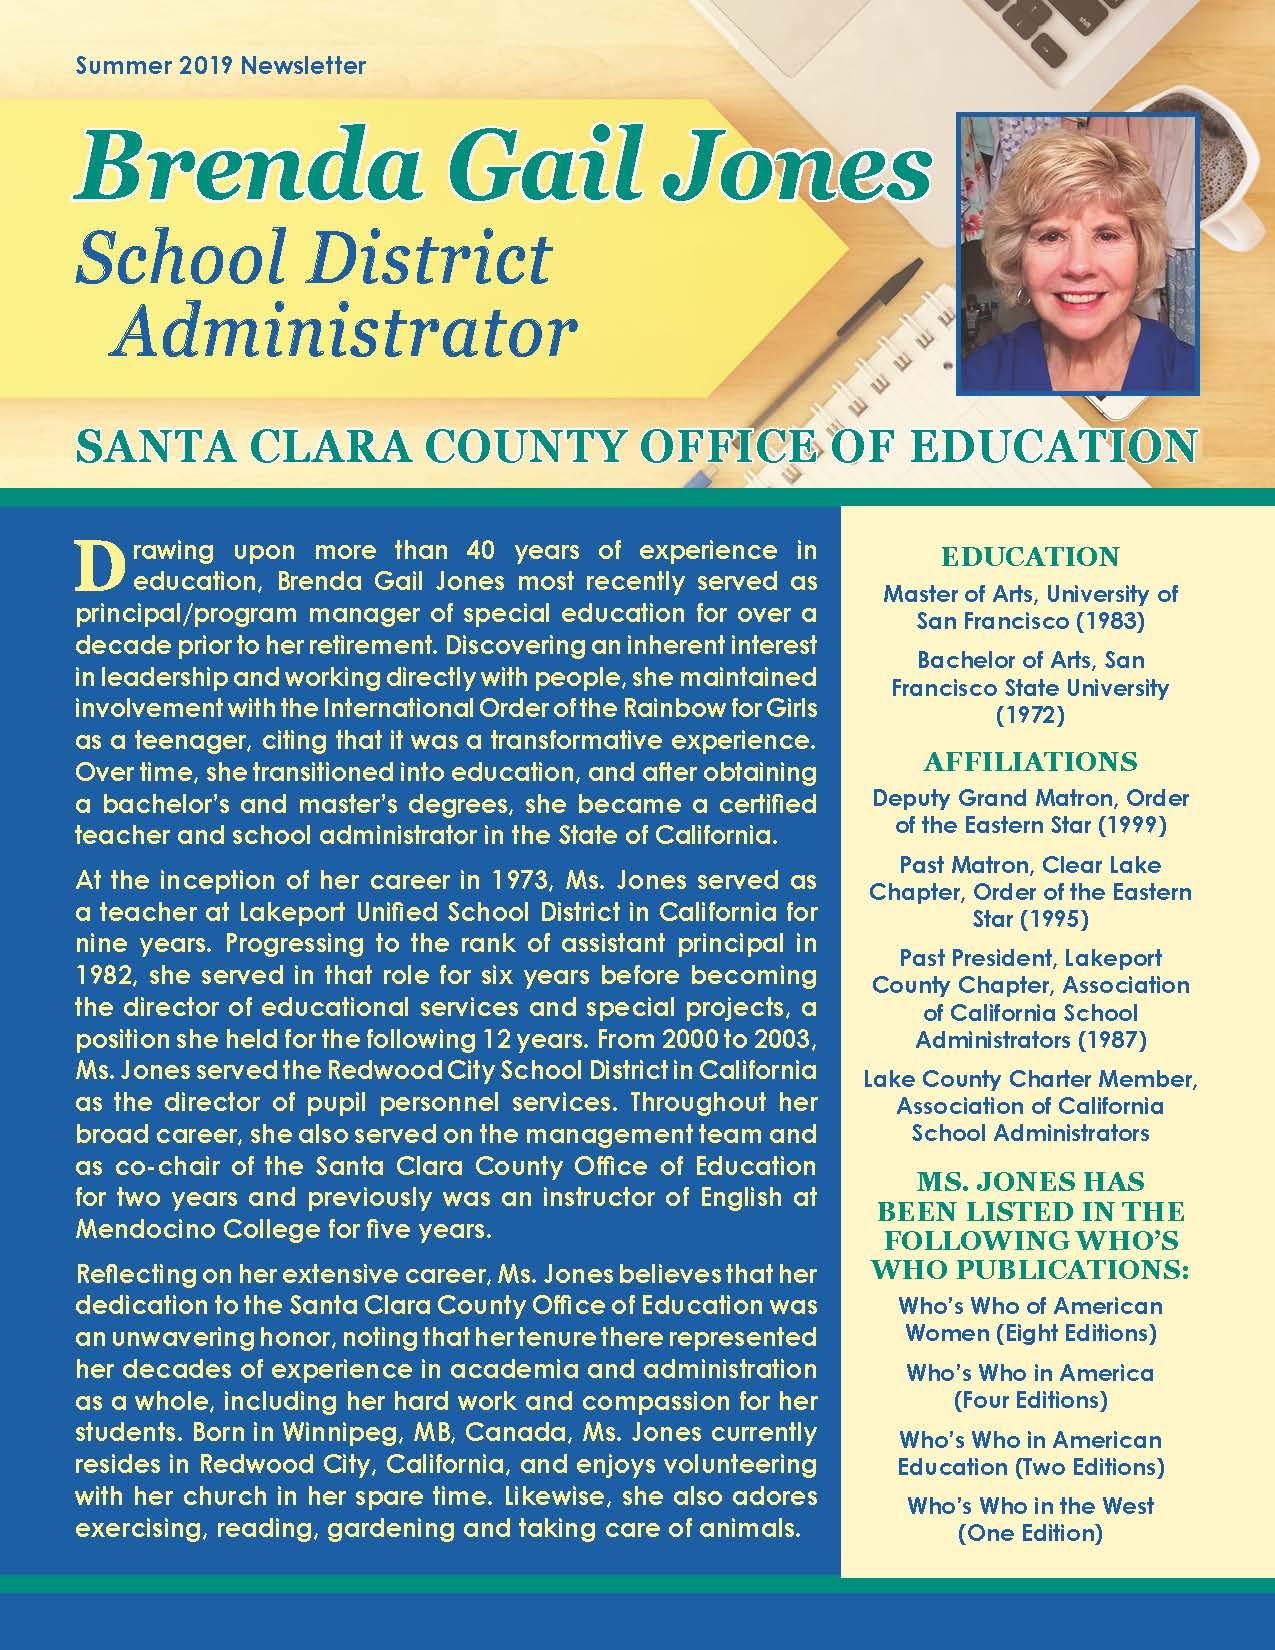 Jones, Brenda 4119771_22076046 Newsletter.jpg